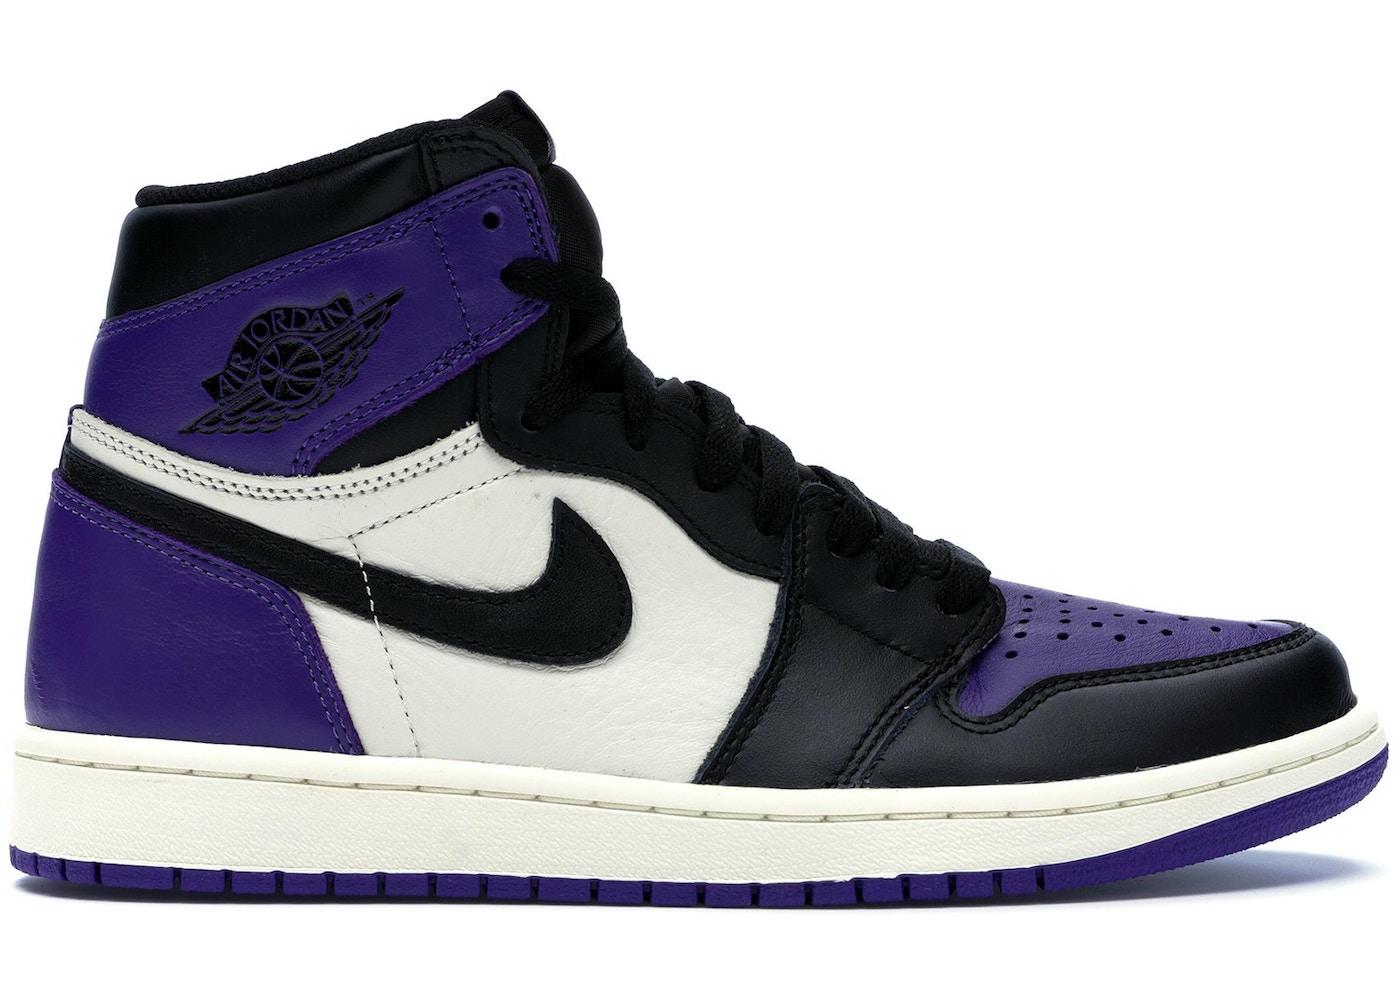 sale retailer c2767 121a6 Jordan 1 Retro High Court Purple